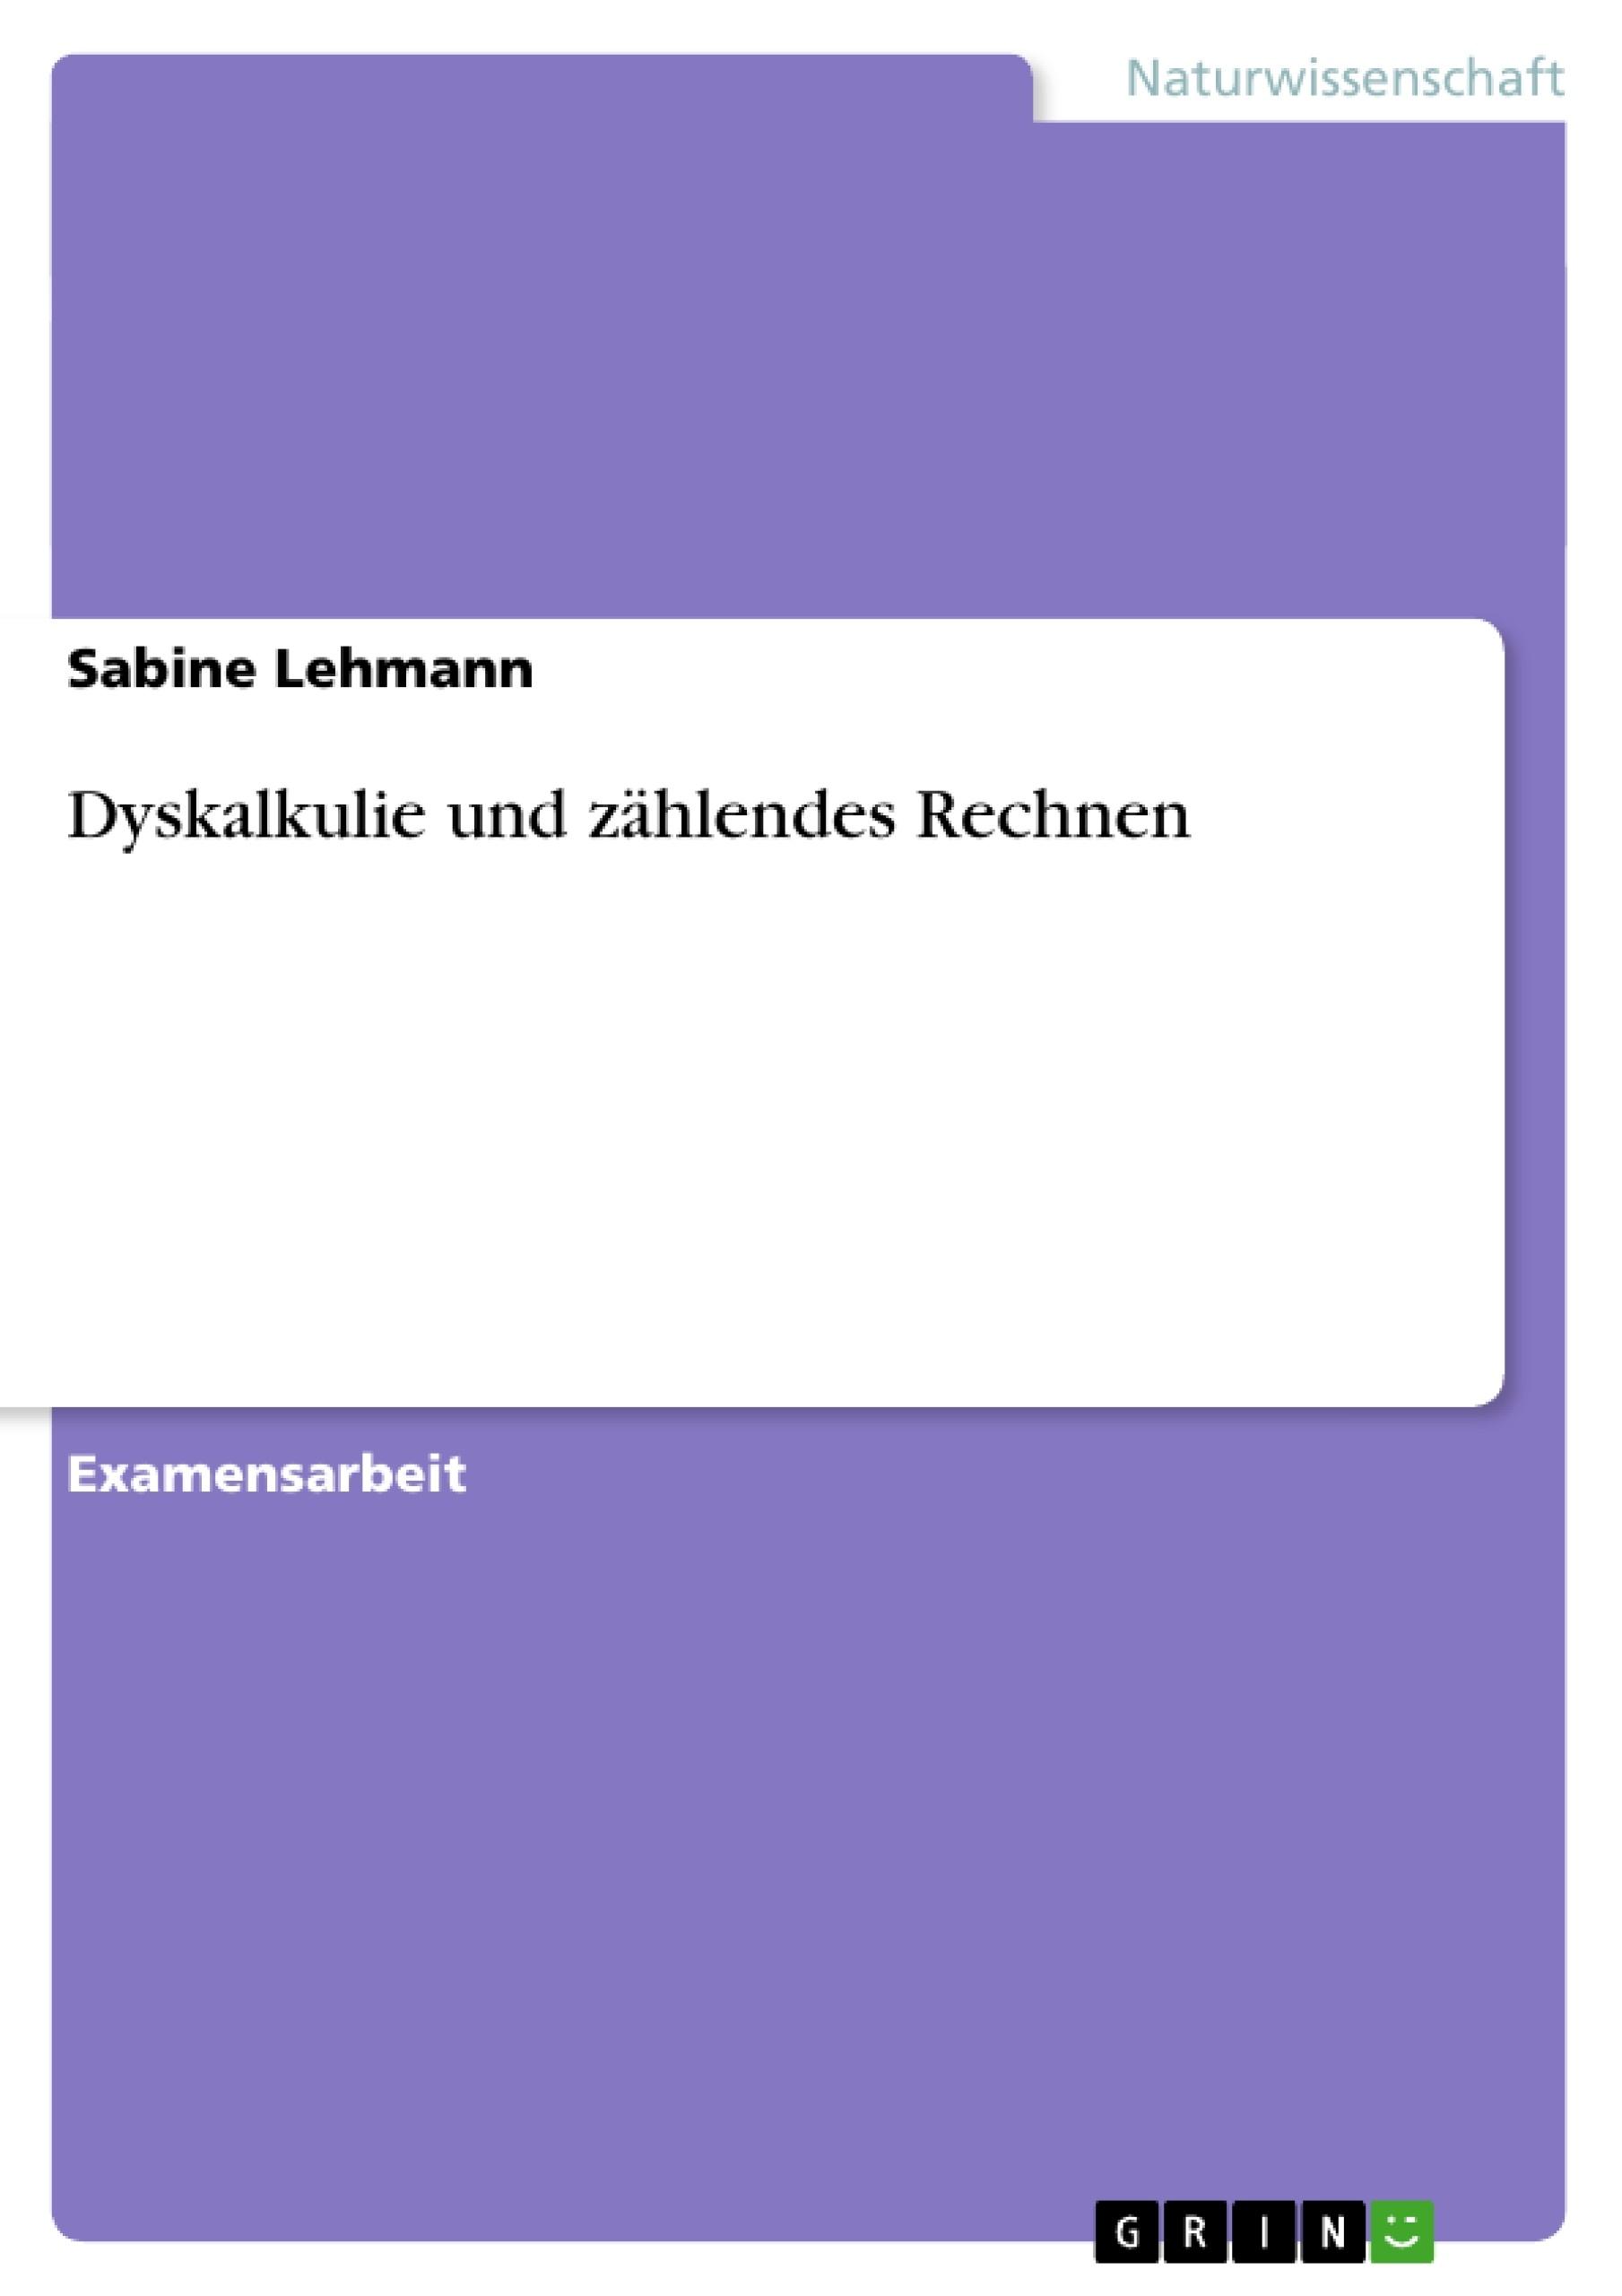 Titel: Dyskalkulie und zählendes Rechnen